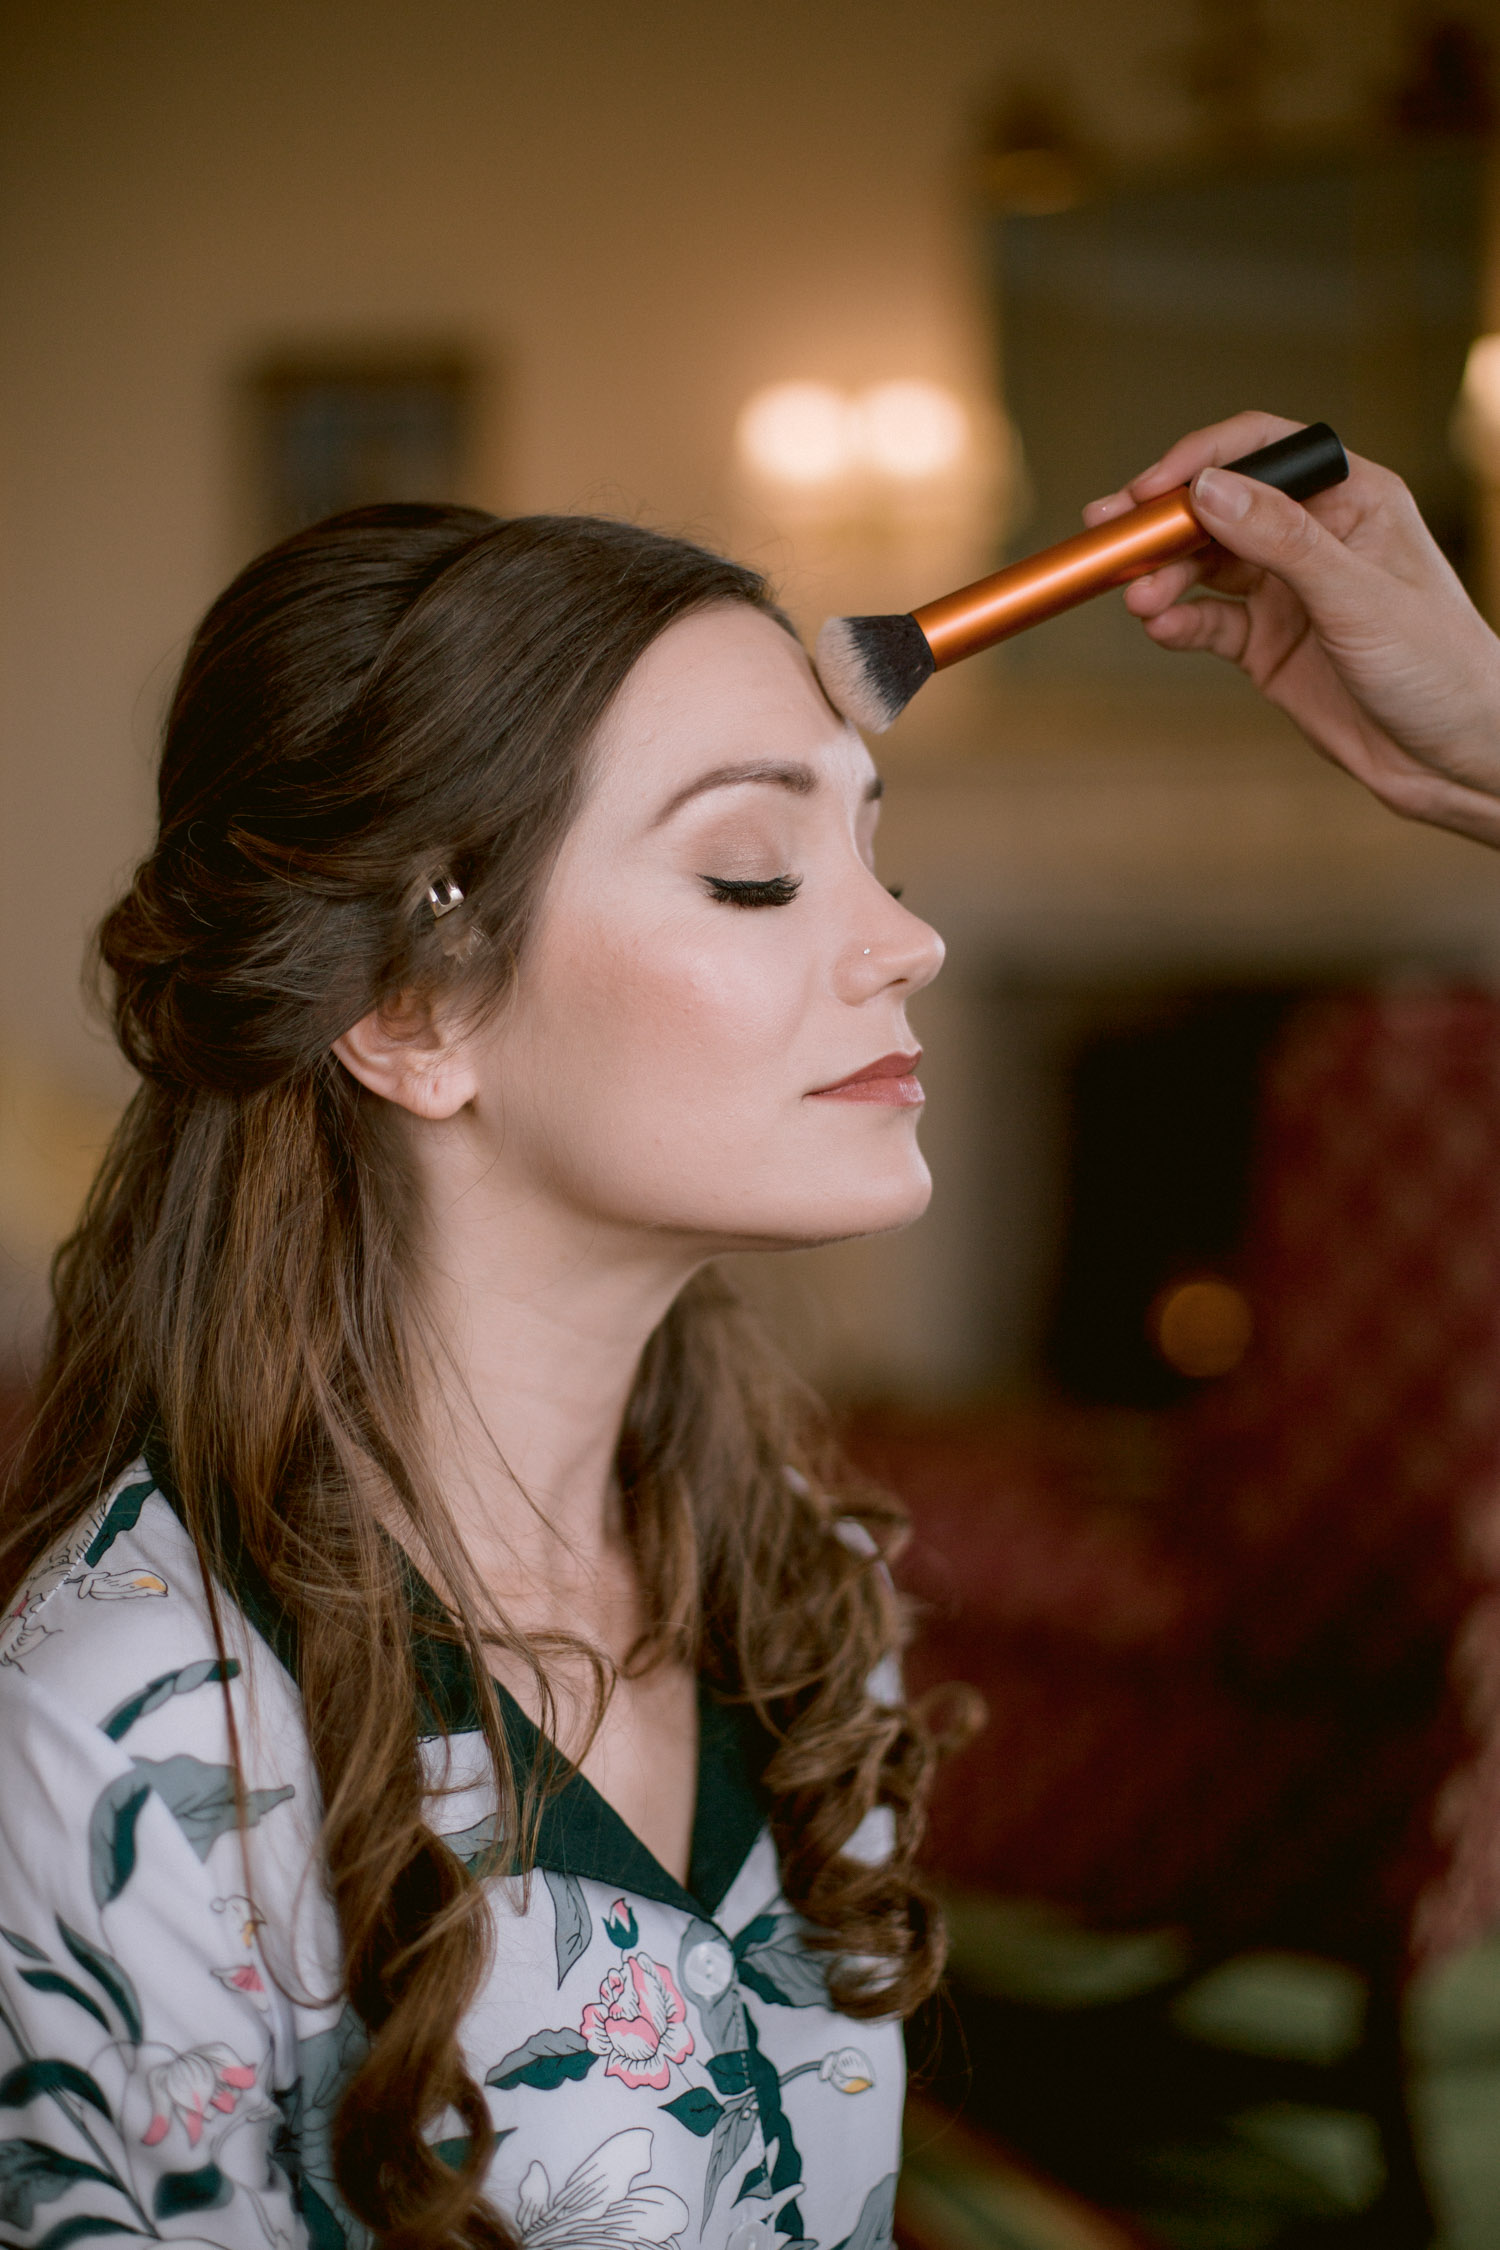 Culzean Castle Ayrshire Bride Getting Ready | Luxury Wedding Photography